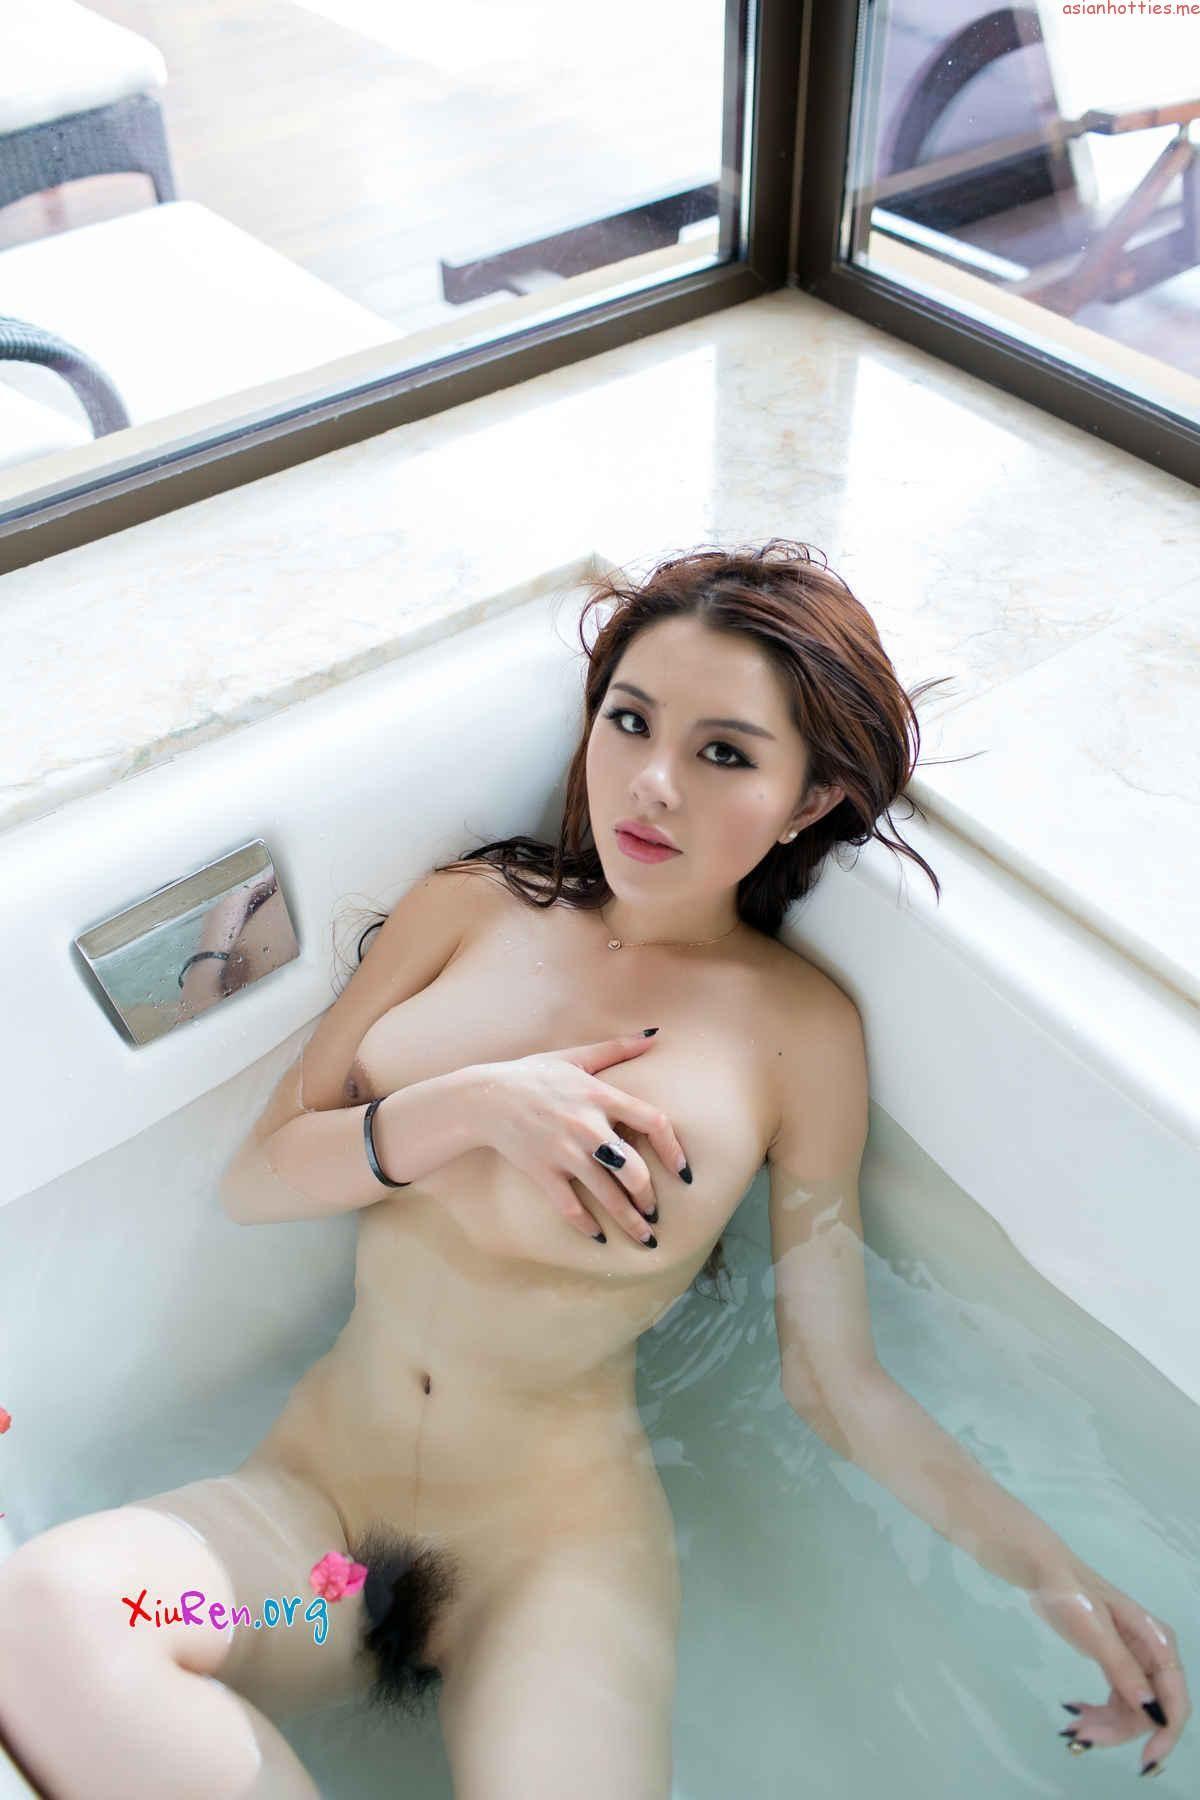 e8ae127dba42cf5d9f55284ee20d5118 - Zhao Wei Yi Nude Images